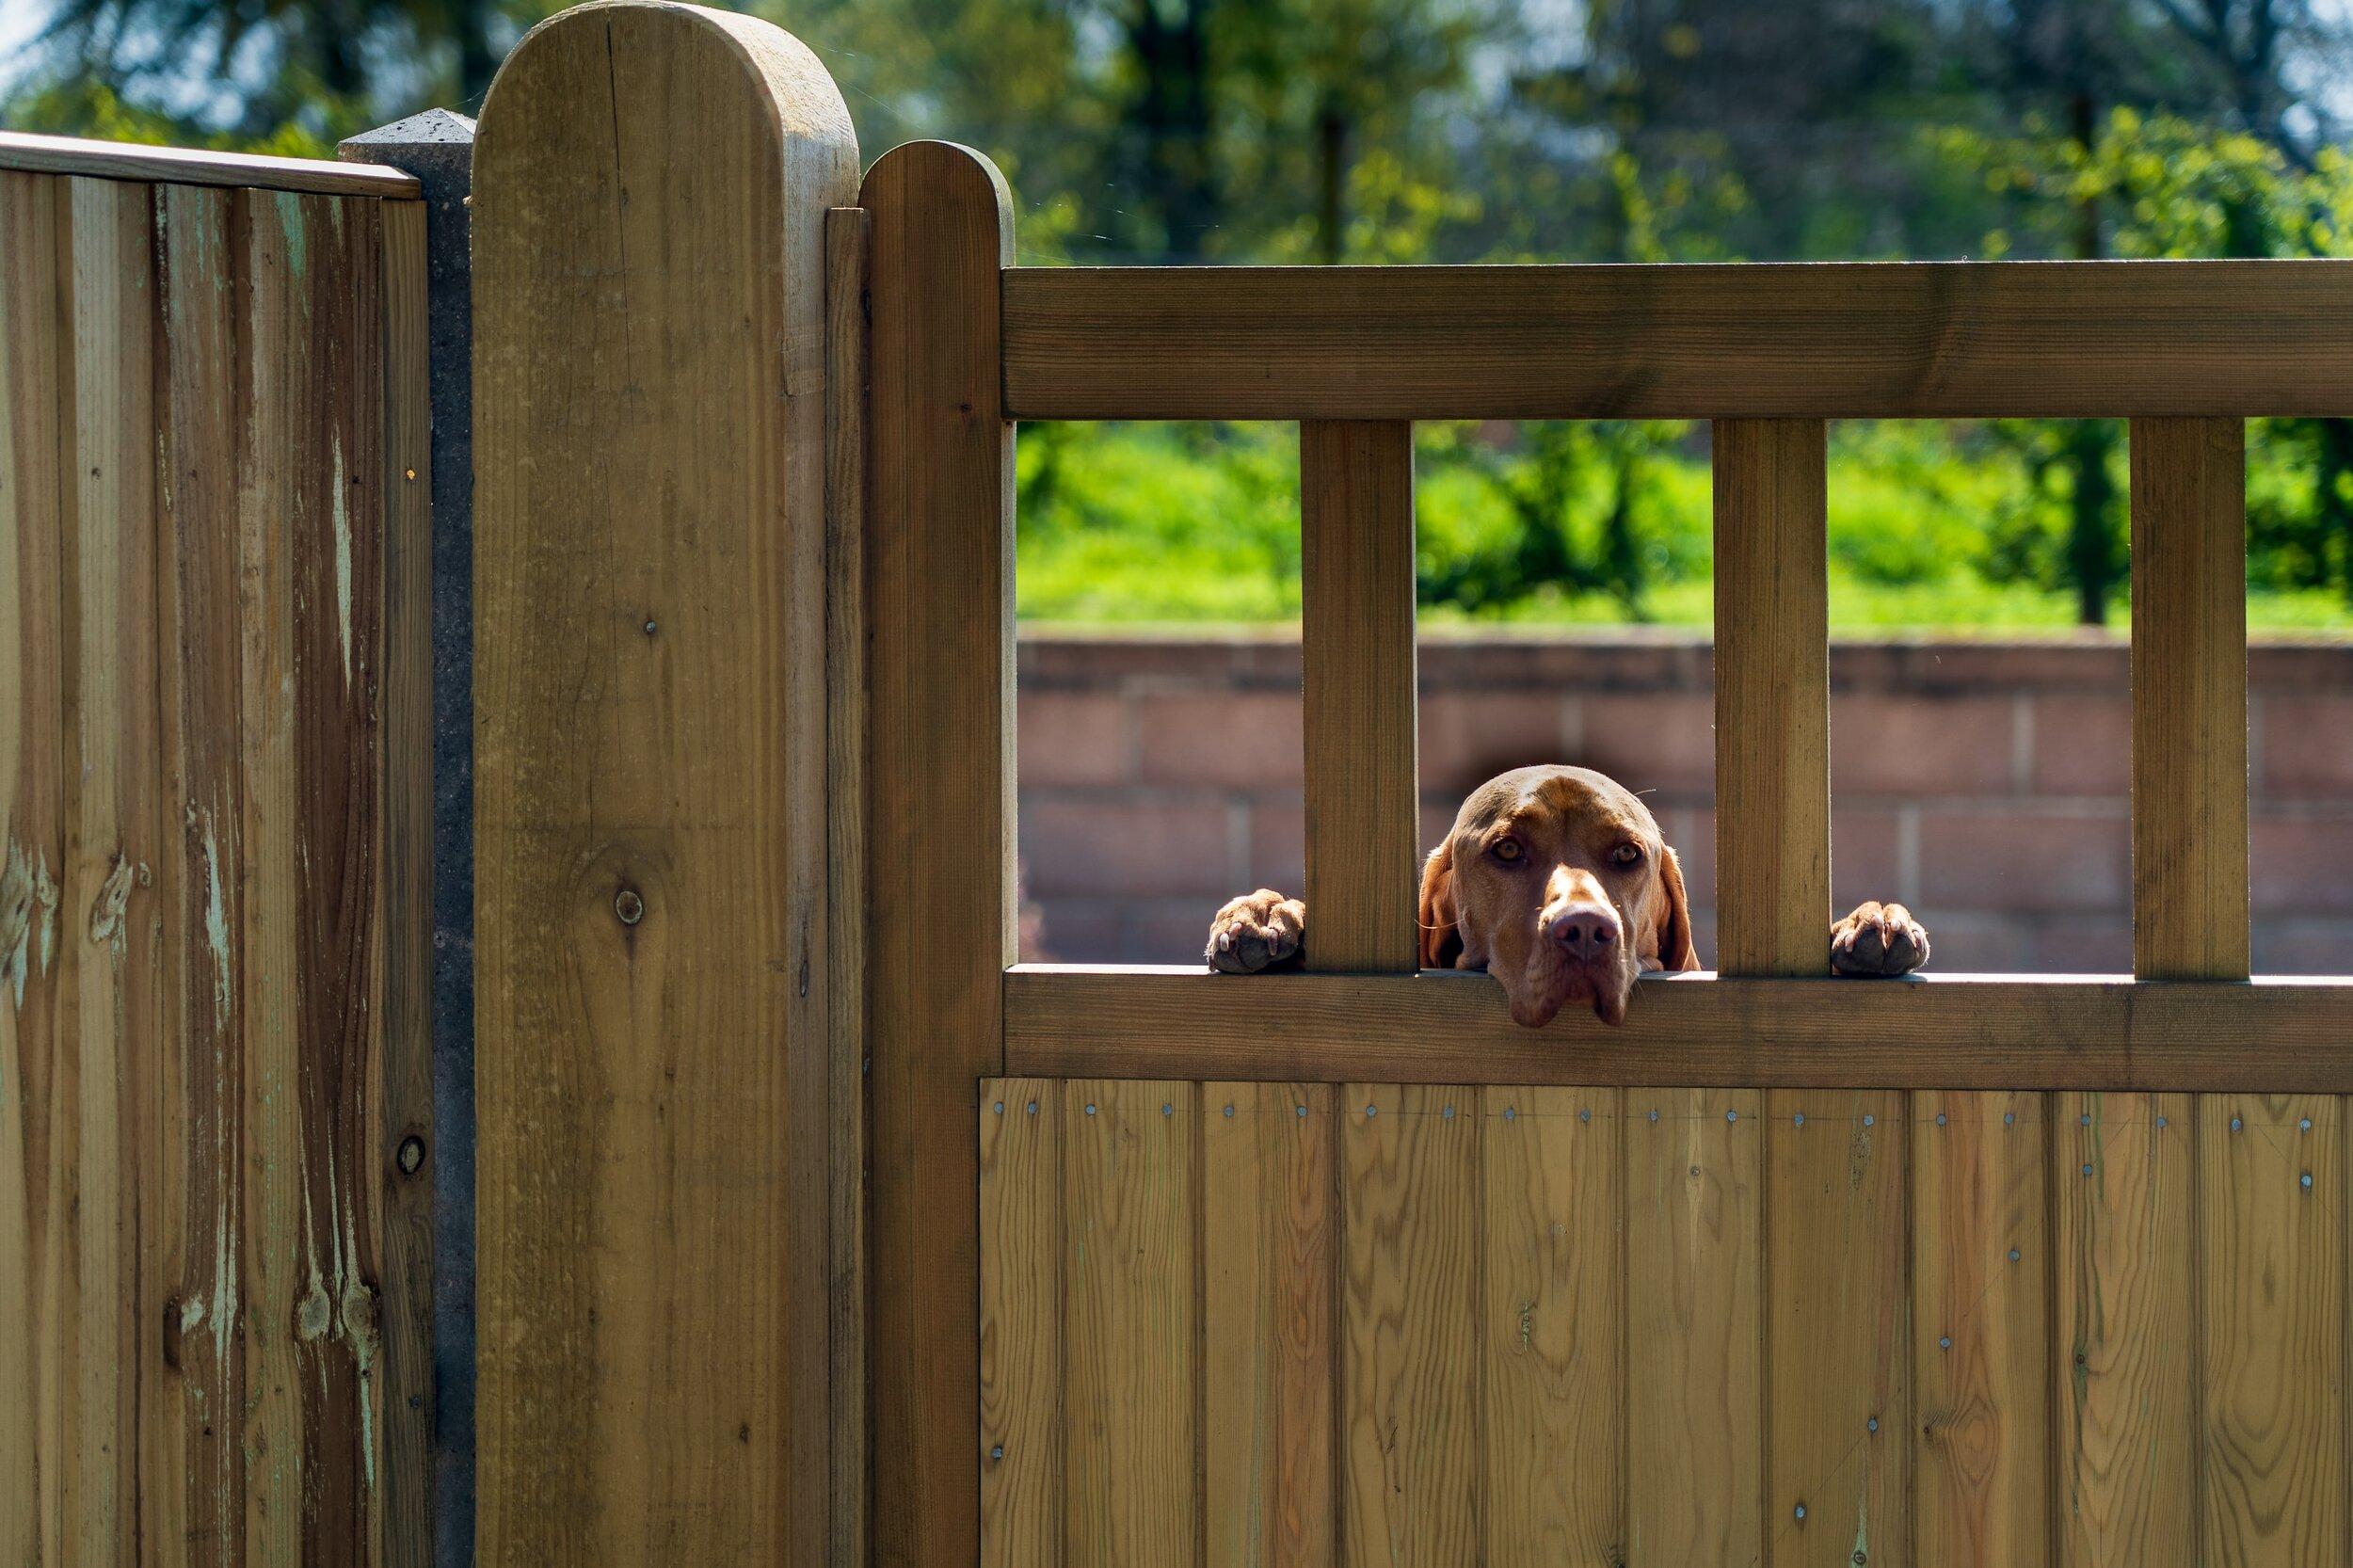 木栅栏门.jpeg